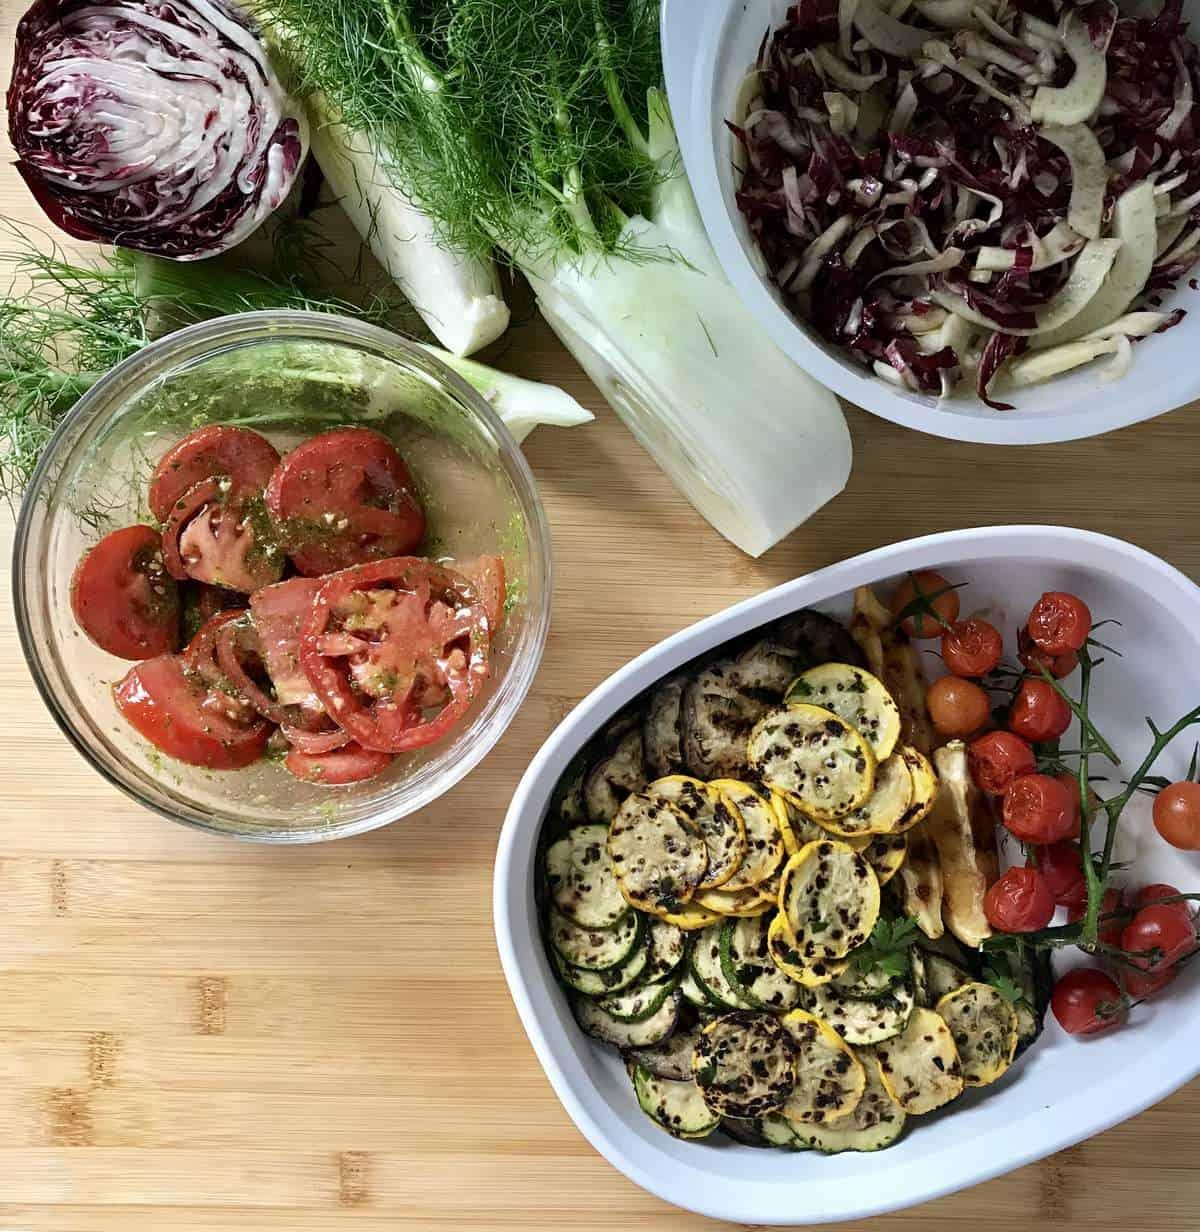 Grilled vegetables in bowls.